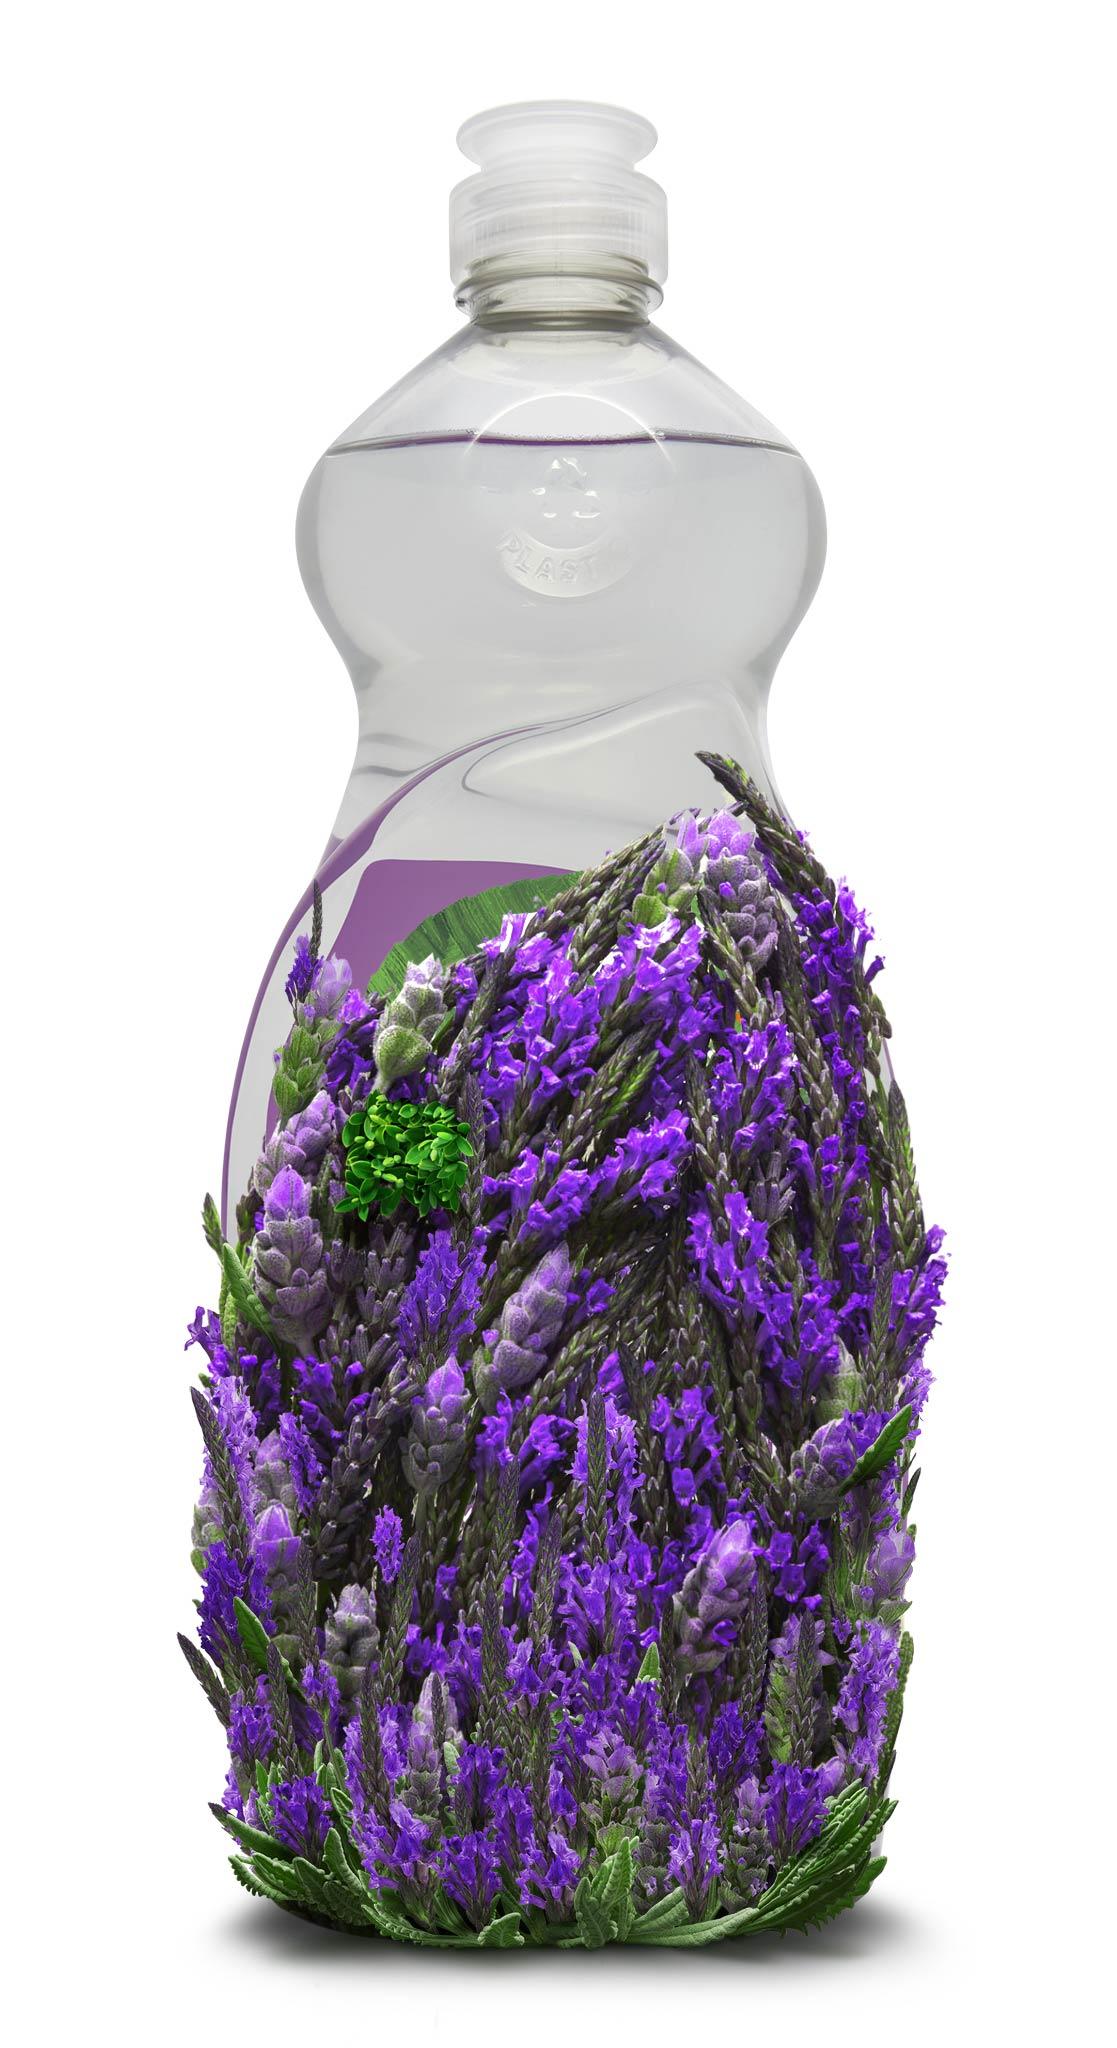 Lavender_DishWashing_15.jpg